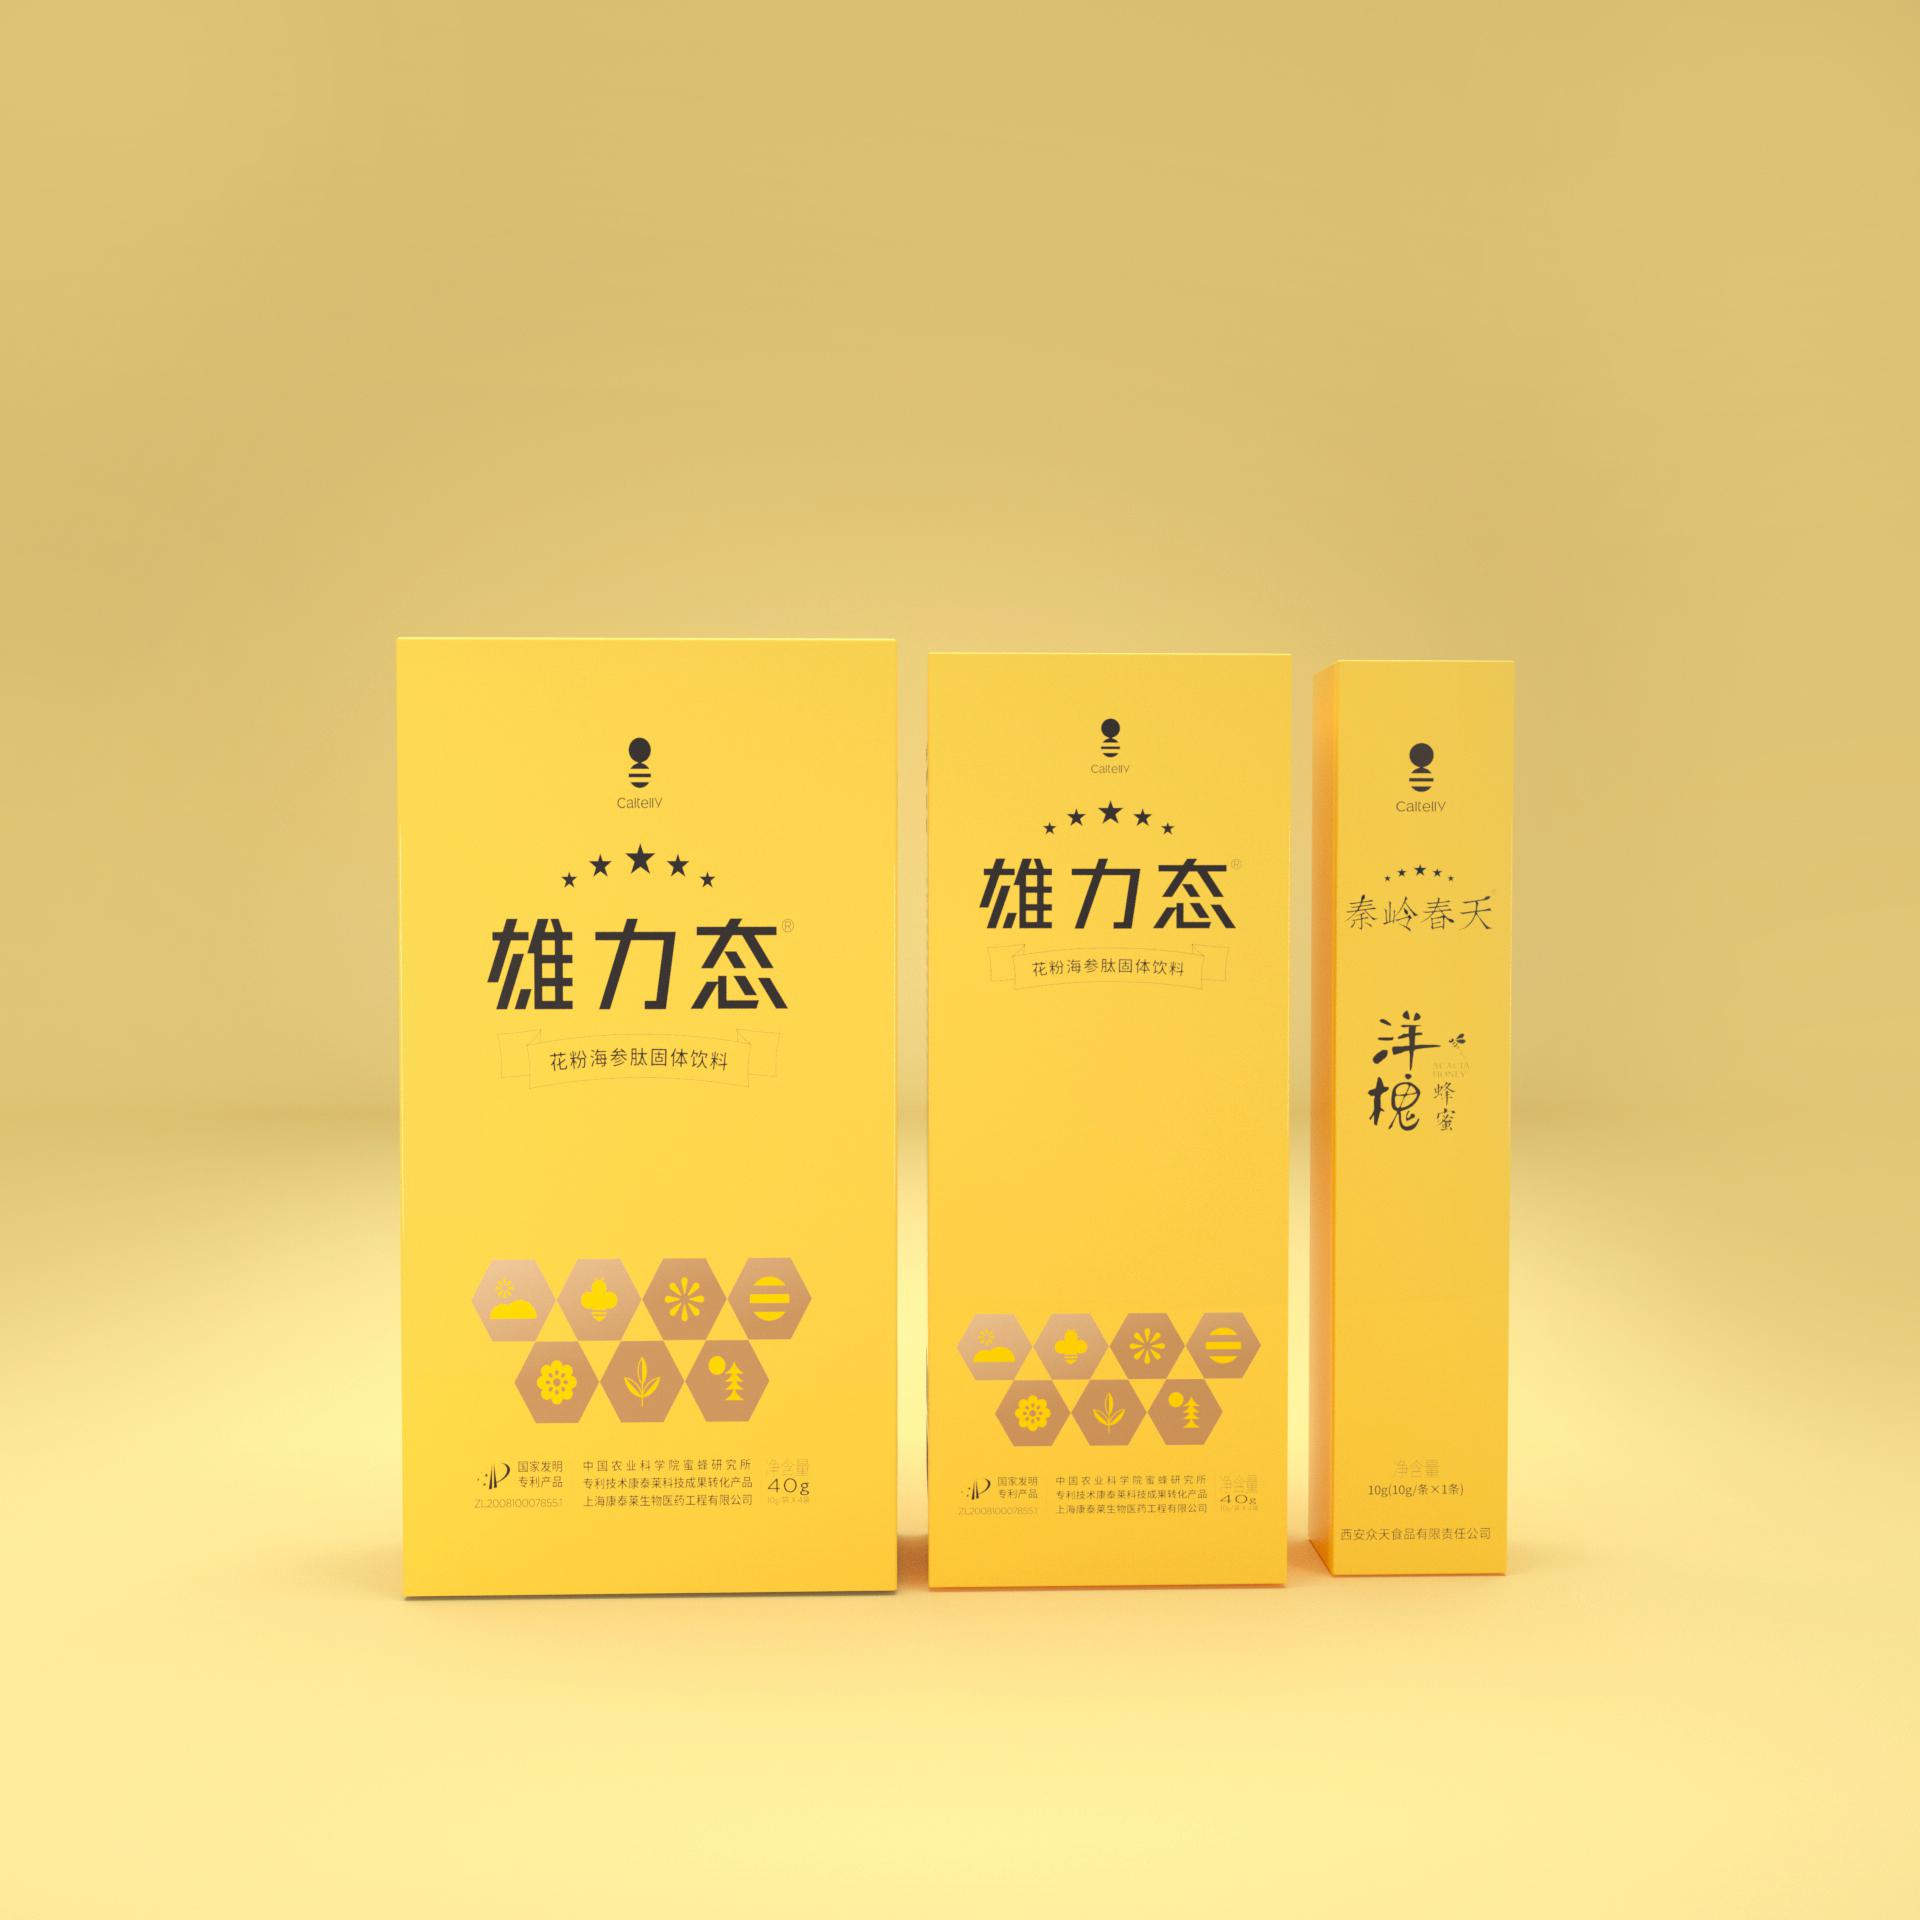 雄力态花粉海参肽固体固体饮料【体验装】